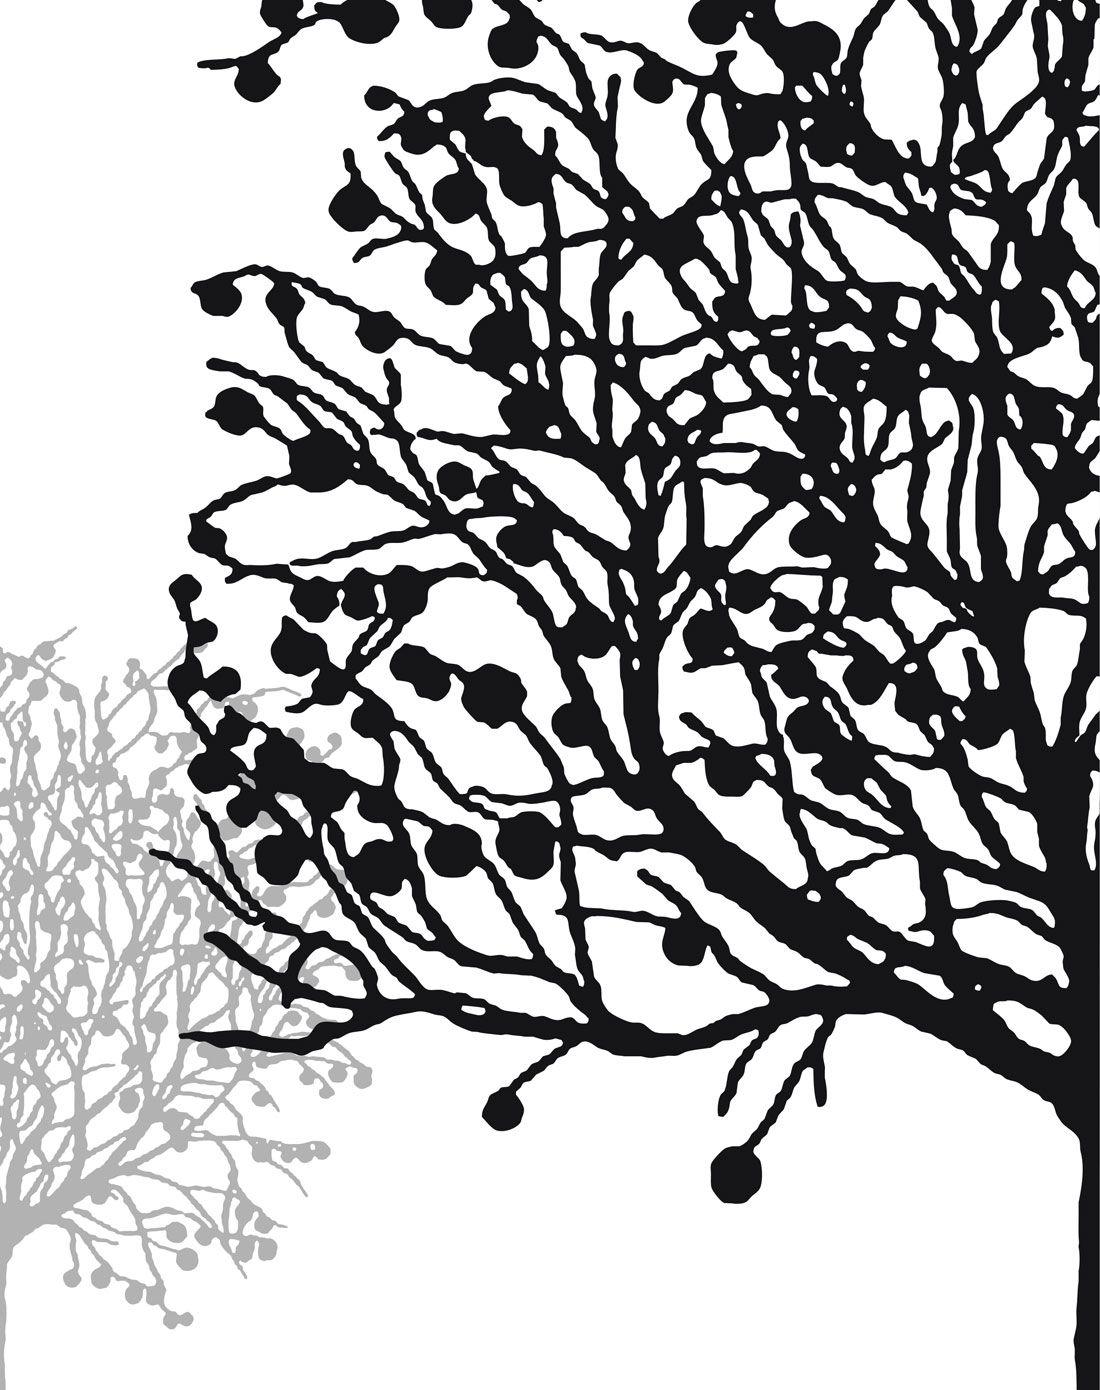 > 抽象艺术简约黑白装饰画 幸运树